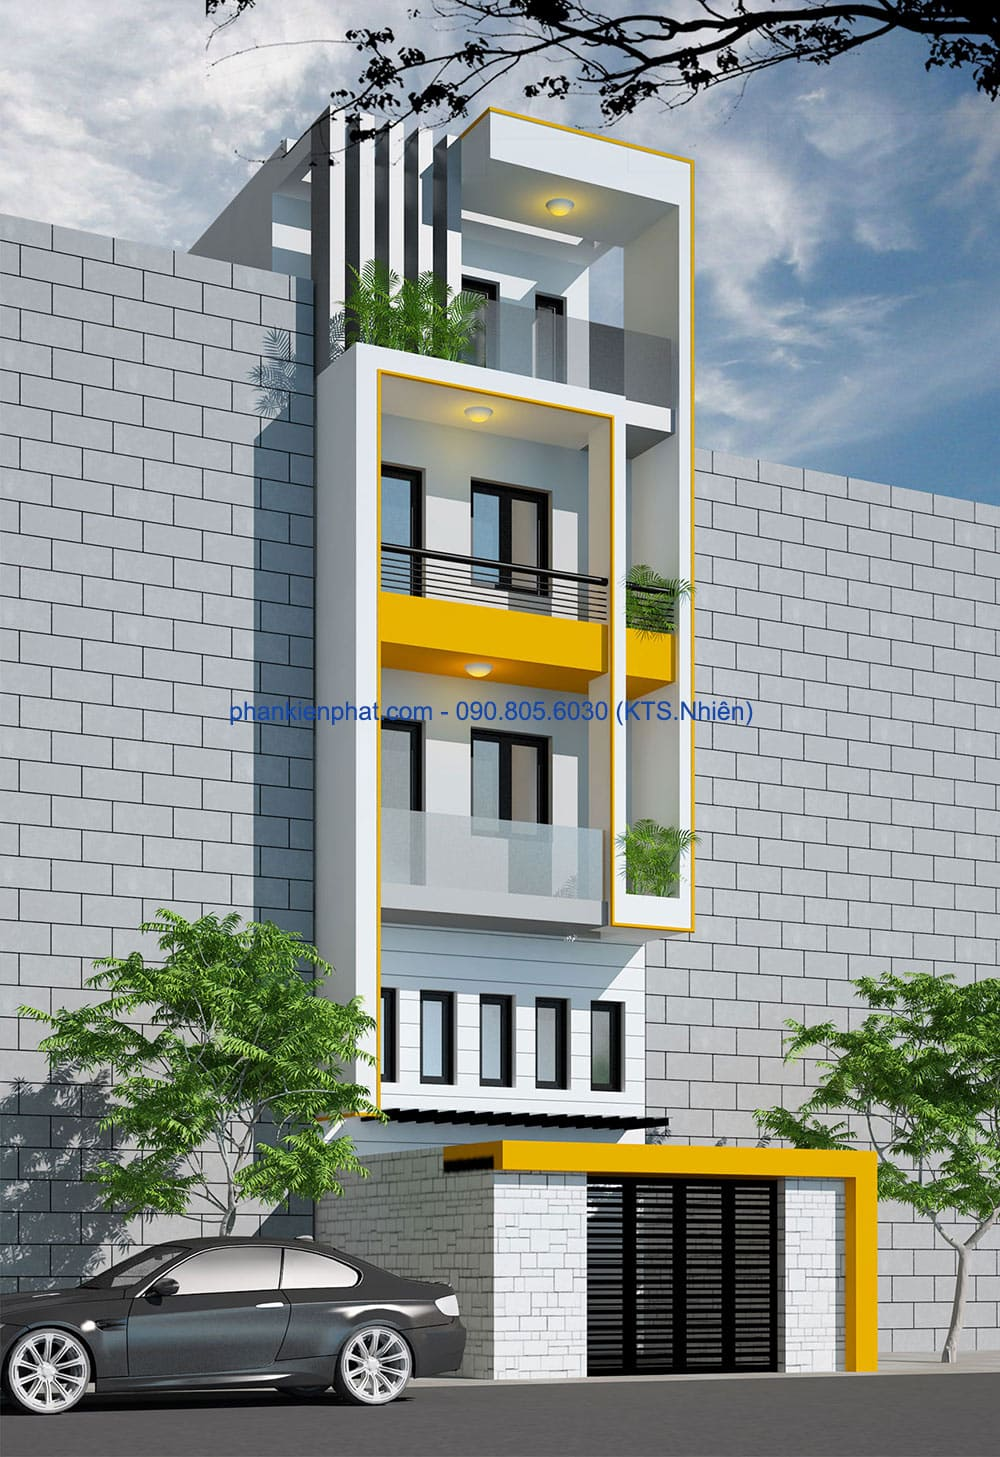 Mẫu thiết kế nhà đẹp 4 tầng 4,7x12m tại quận 2